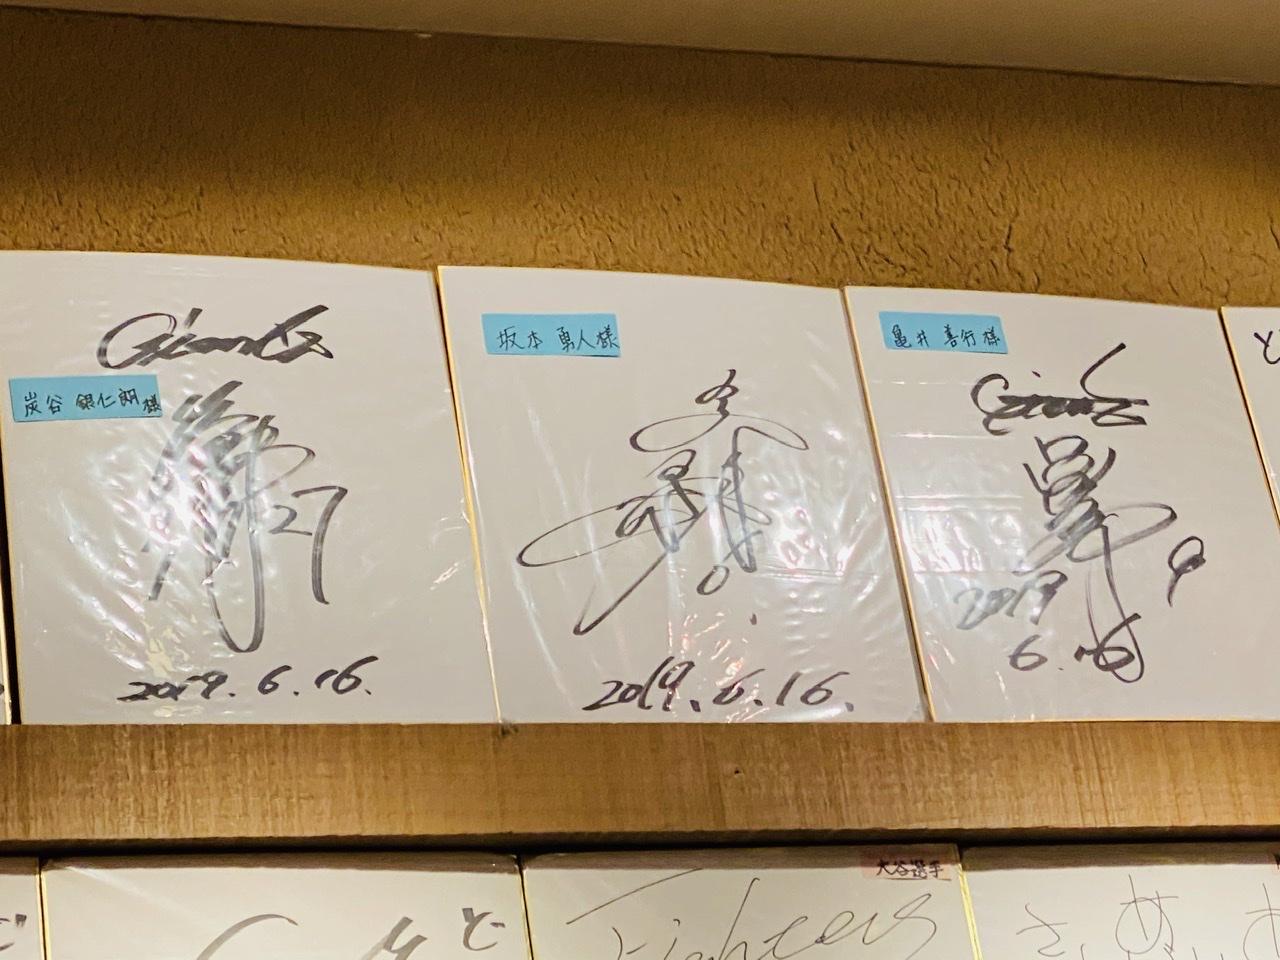 【新千歳空港グルメ】本場の海鮮丼を食べるならココ!鮮魚店直営《どんぶり茶屋》★_3